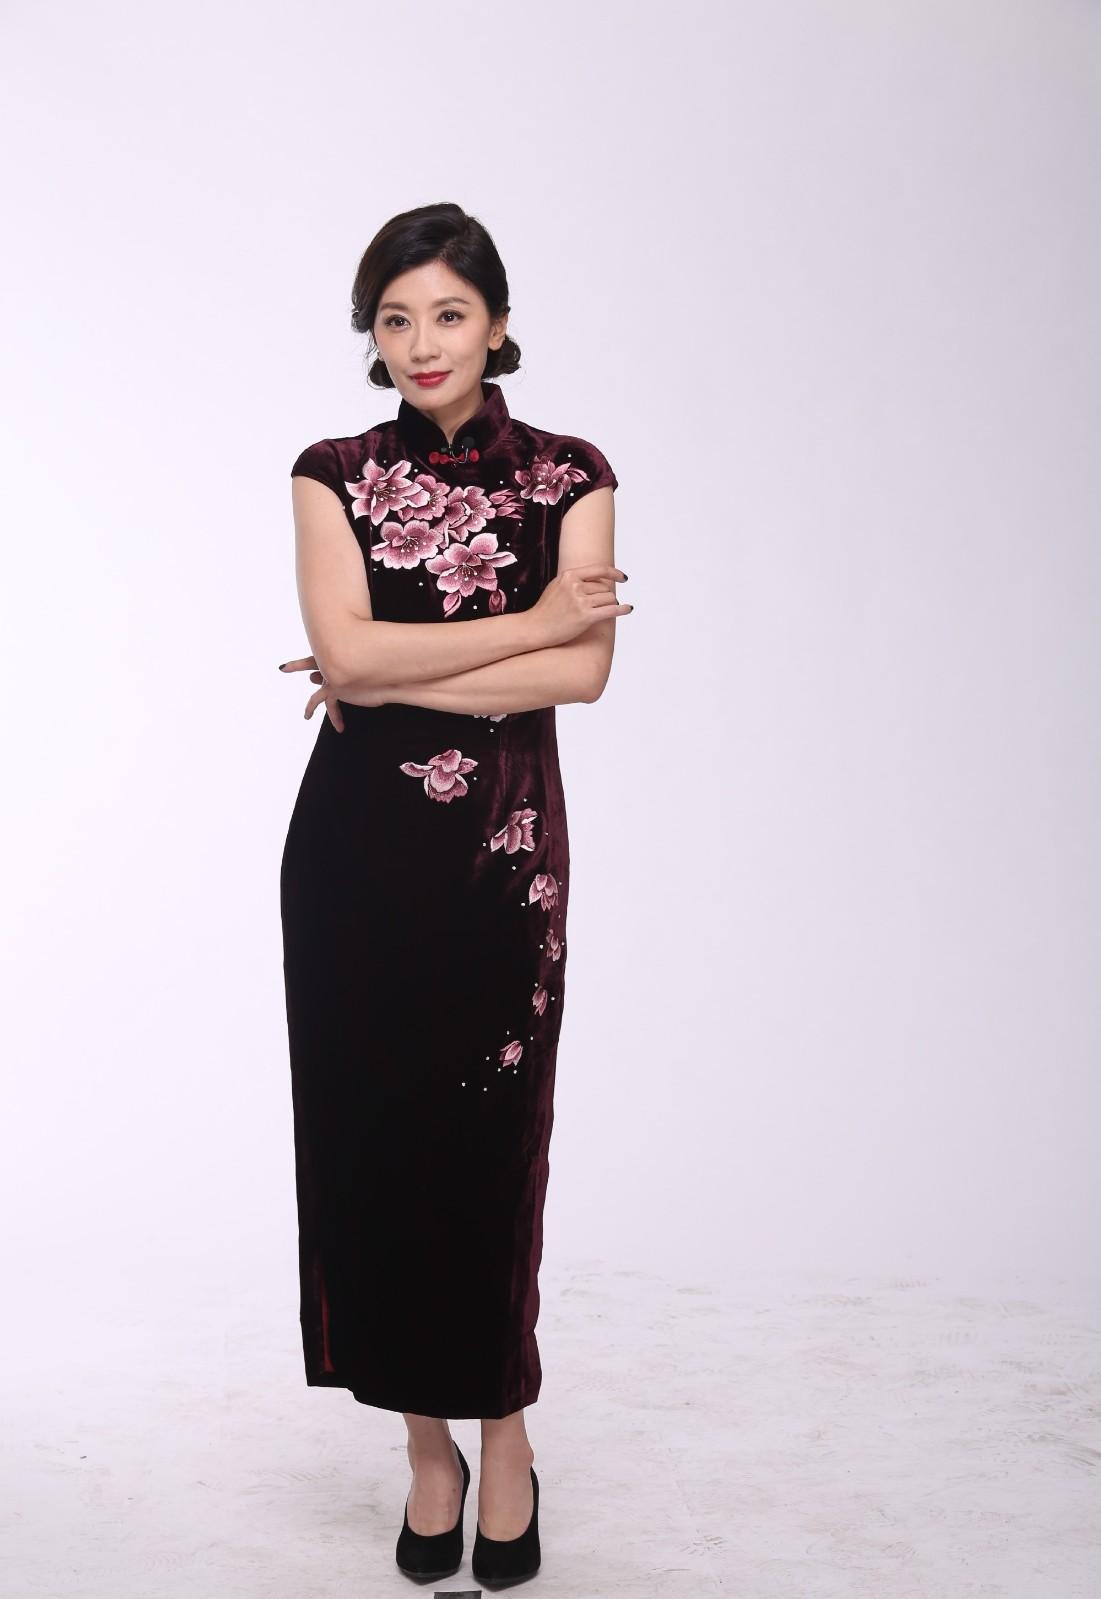 贾静雯丝毫不显老,腿长颜值高,46岁的她穿旗袍也好看